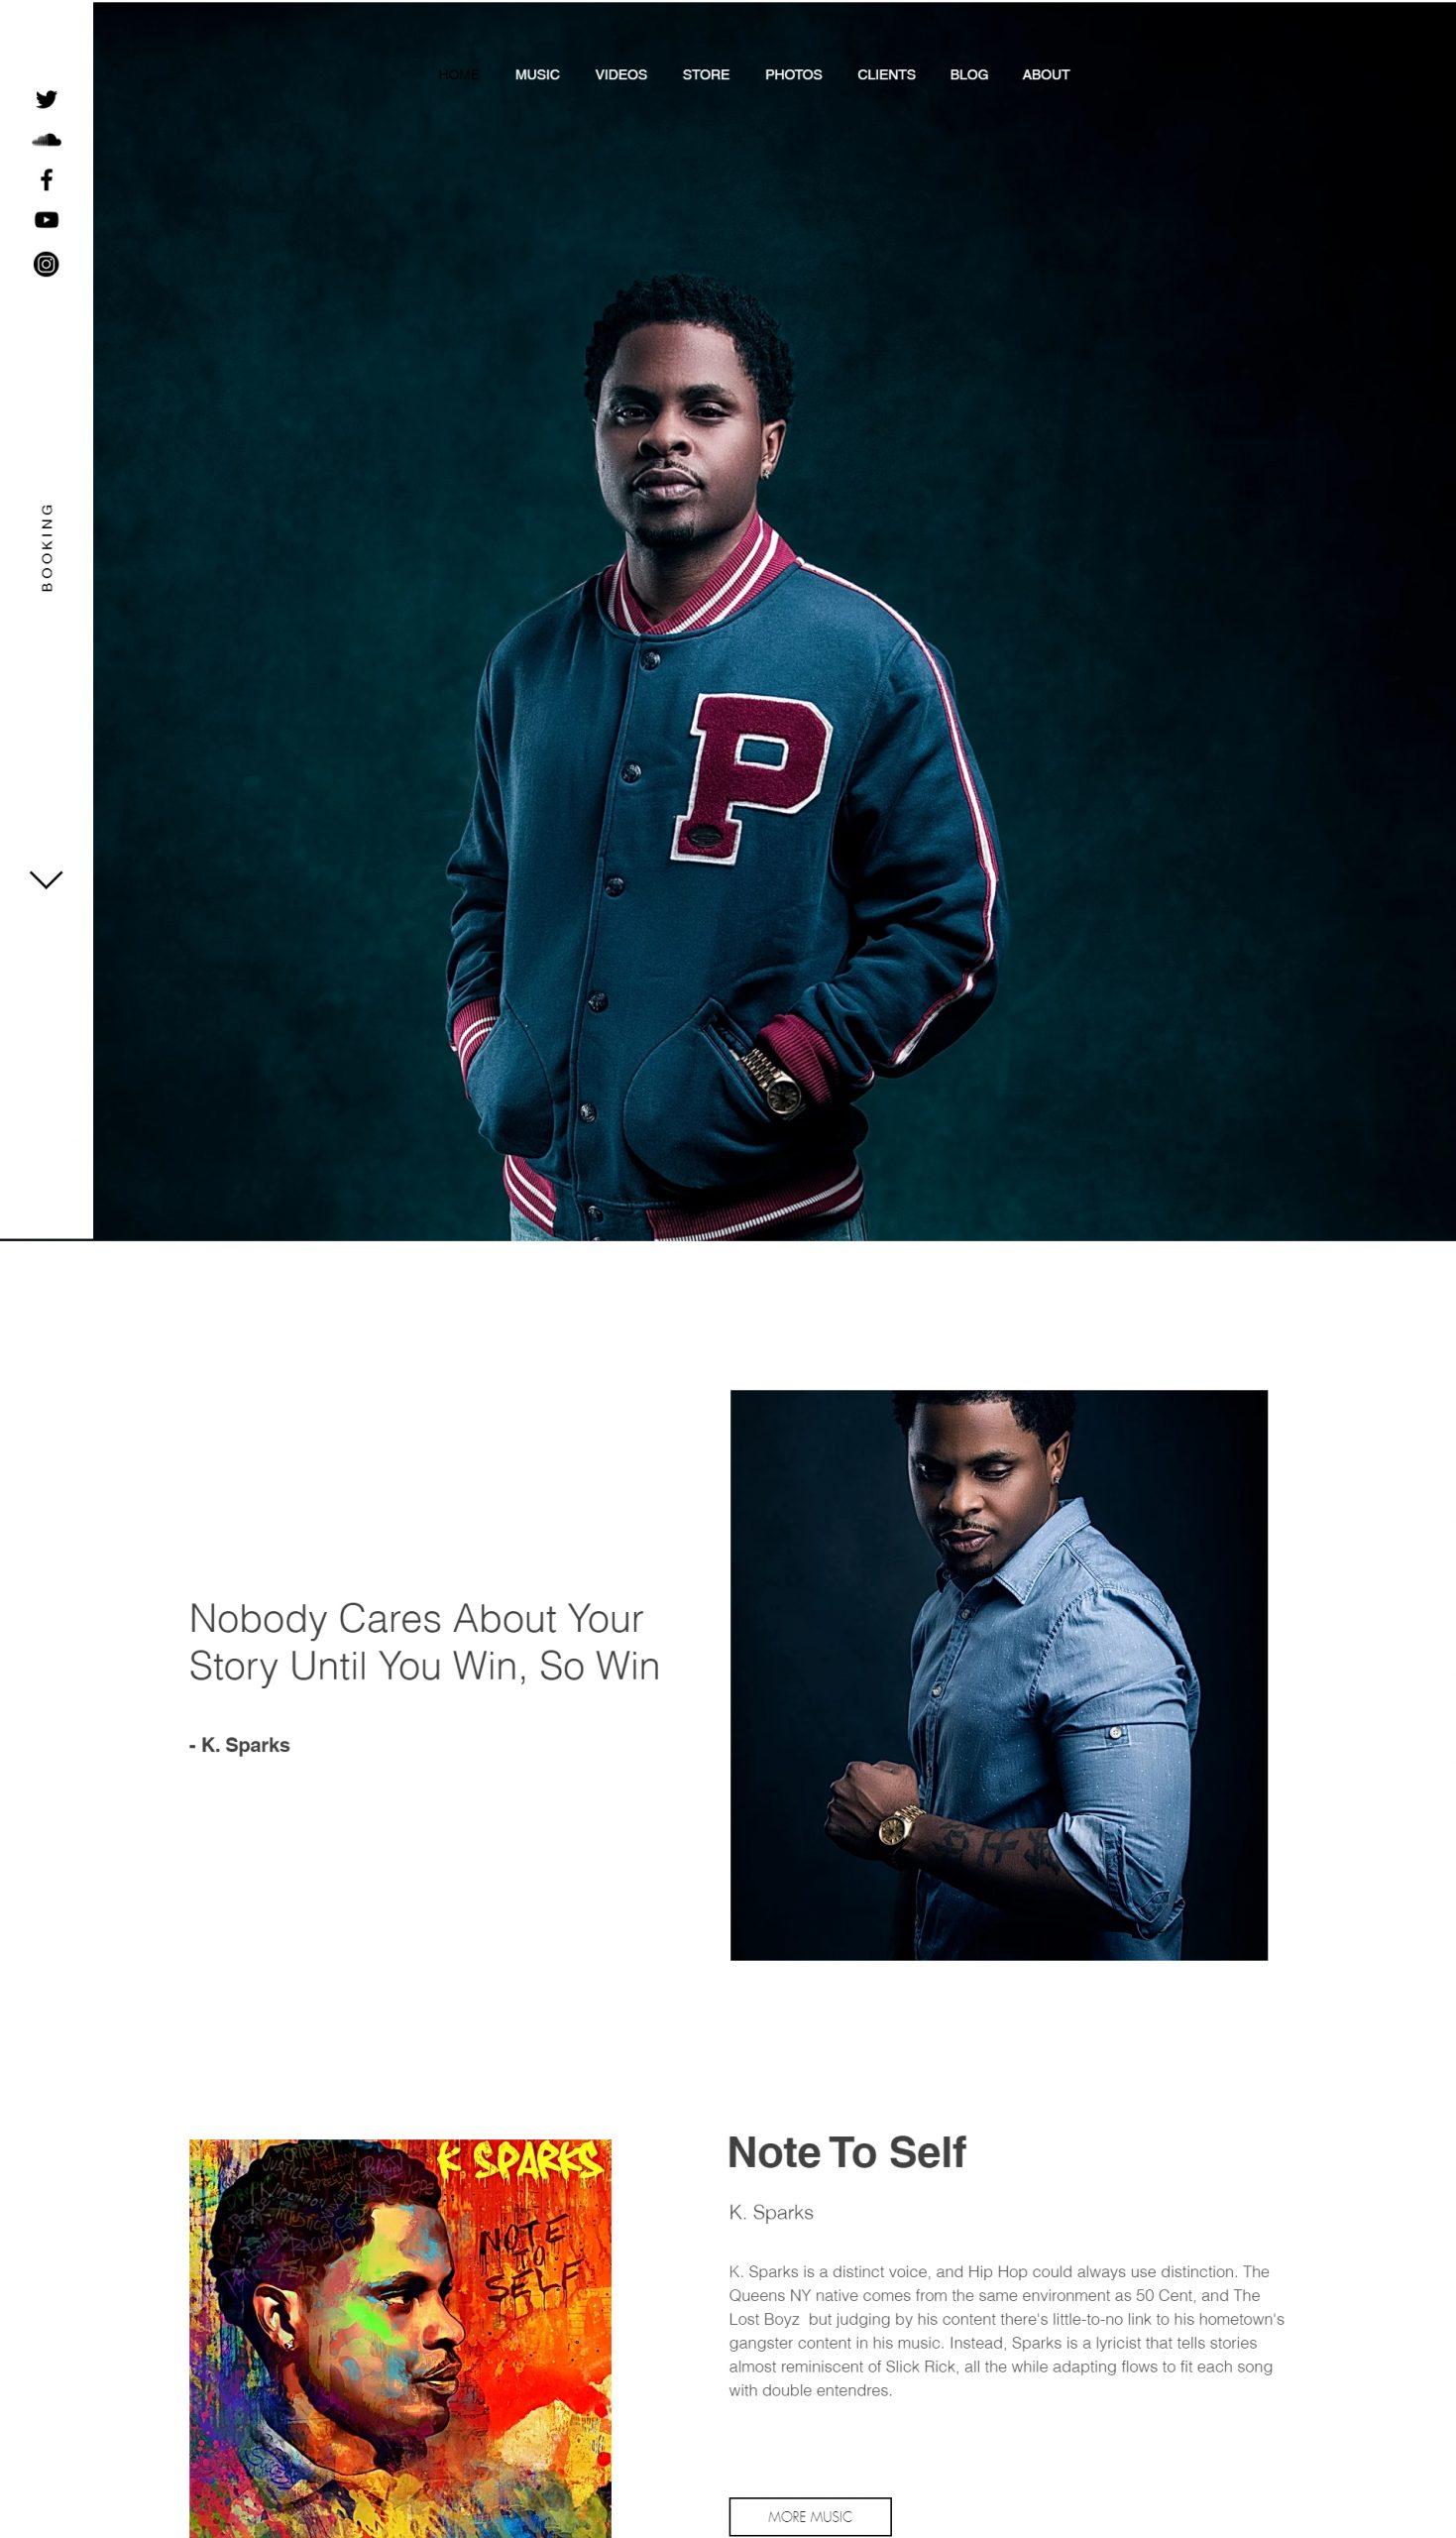 Screenshot of K Sparks's website